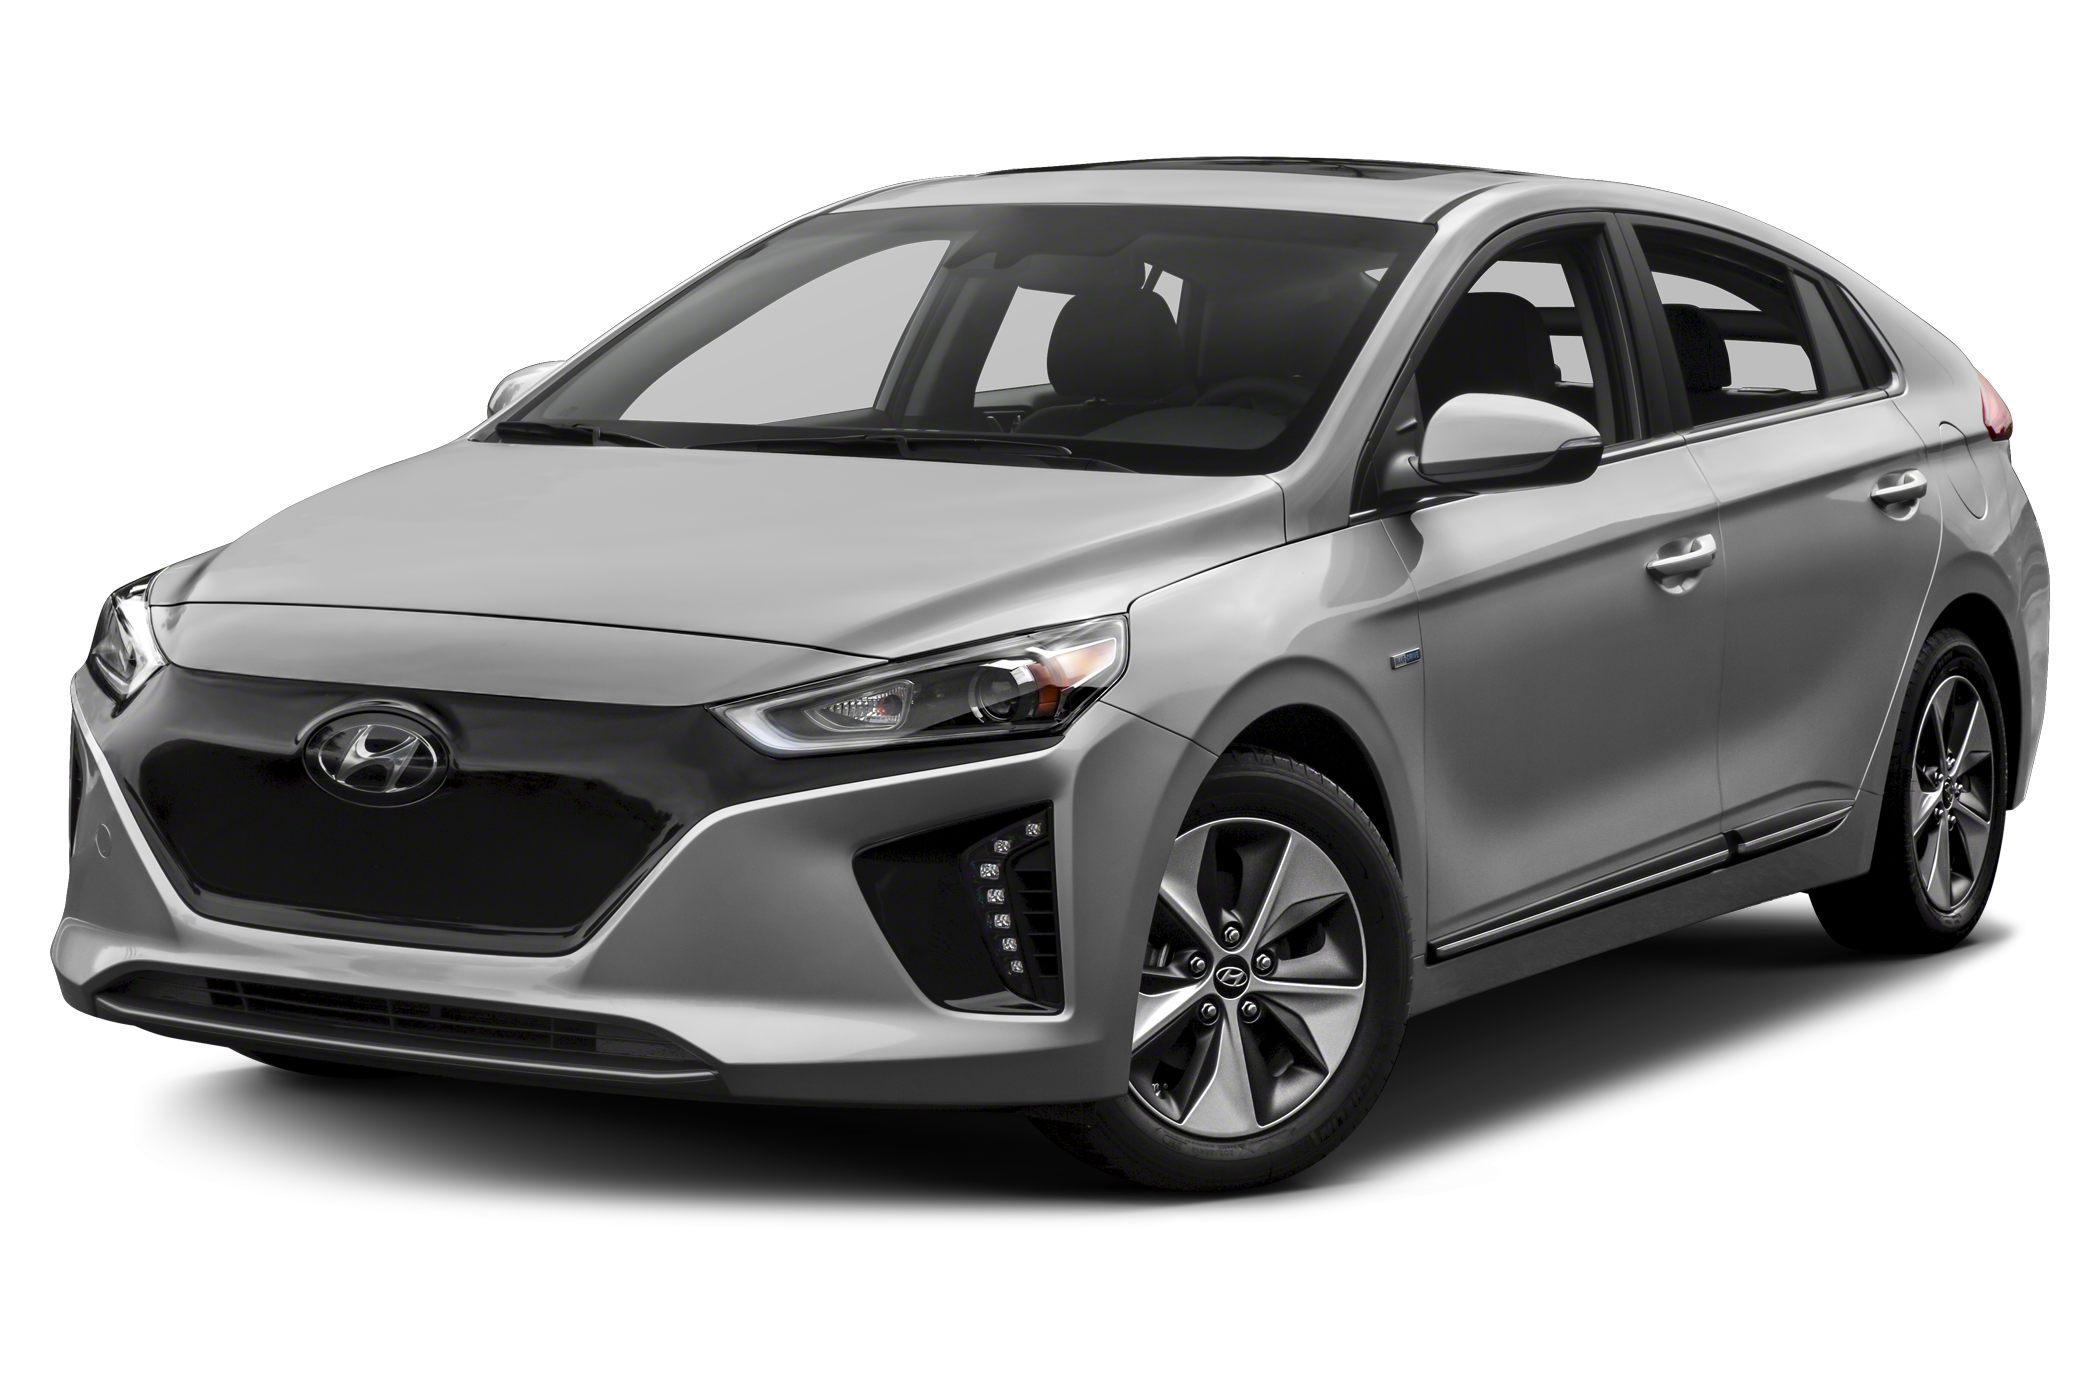 2017 Hyundai Ioniq Ev Pricing And Specs